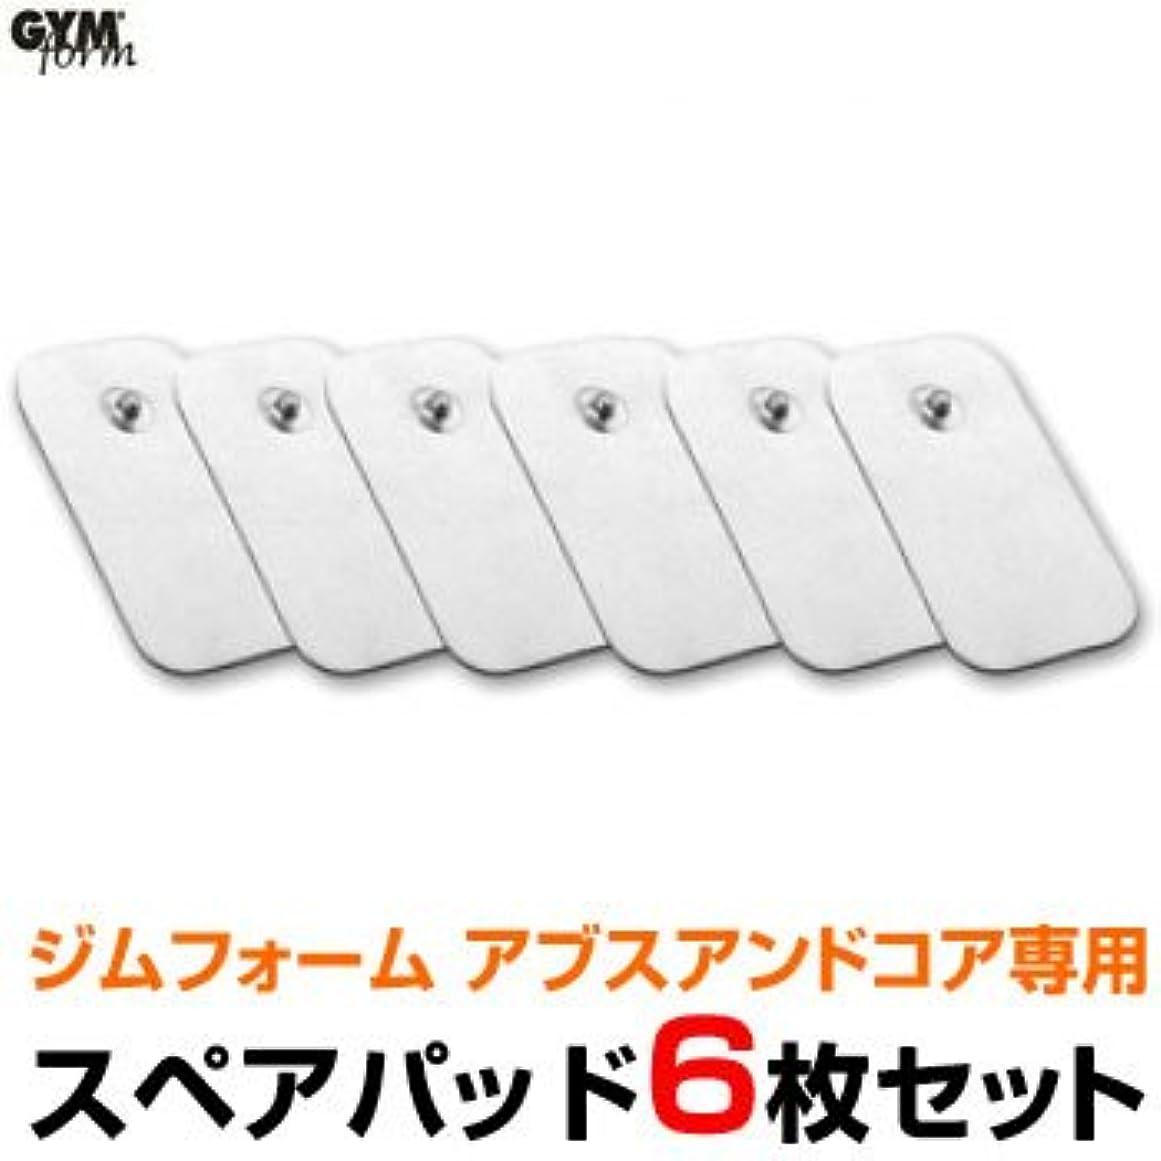 ジムフォーム アブス&コア専用スペアパッド(GYMform ABS&CORE)6枚セット